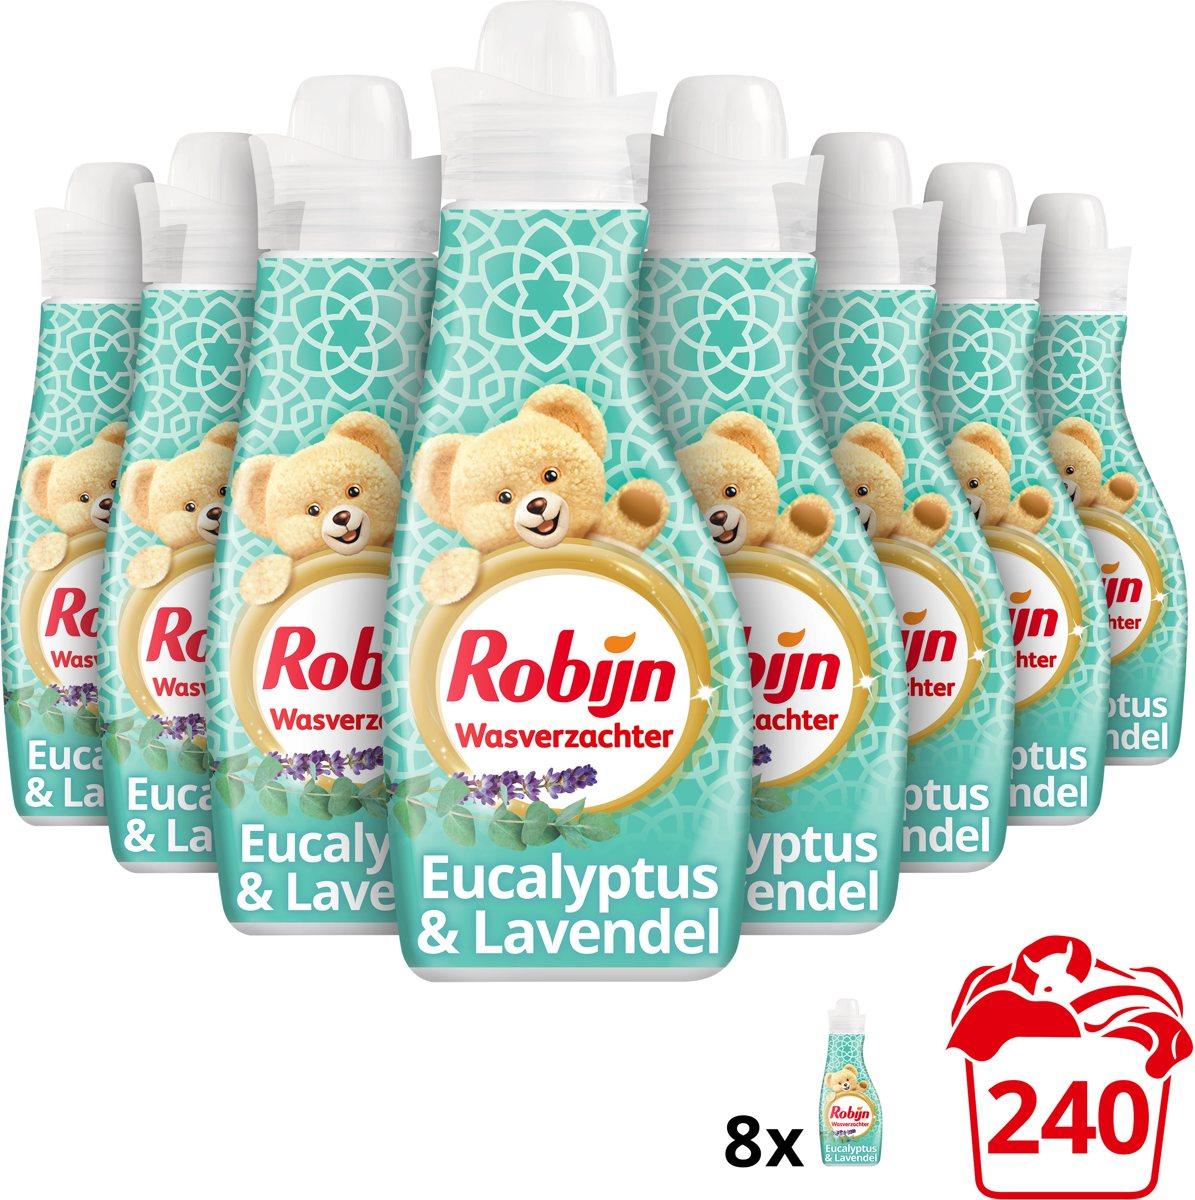 Robijn Spa Sensation wasverzachter 8x30 wasbeurten - Voordeelverpakking